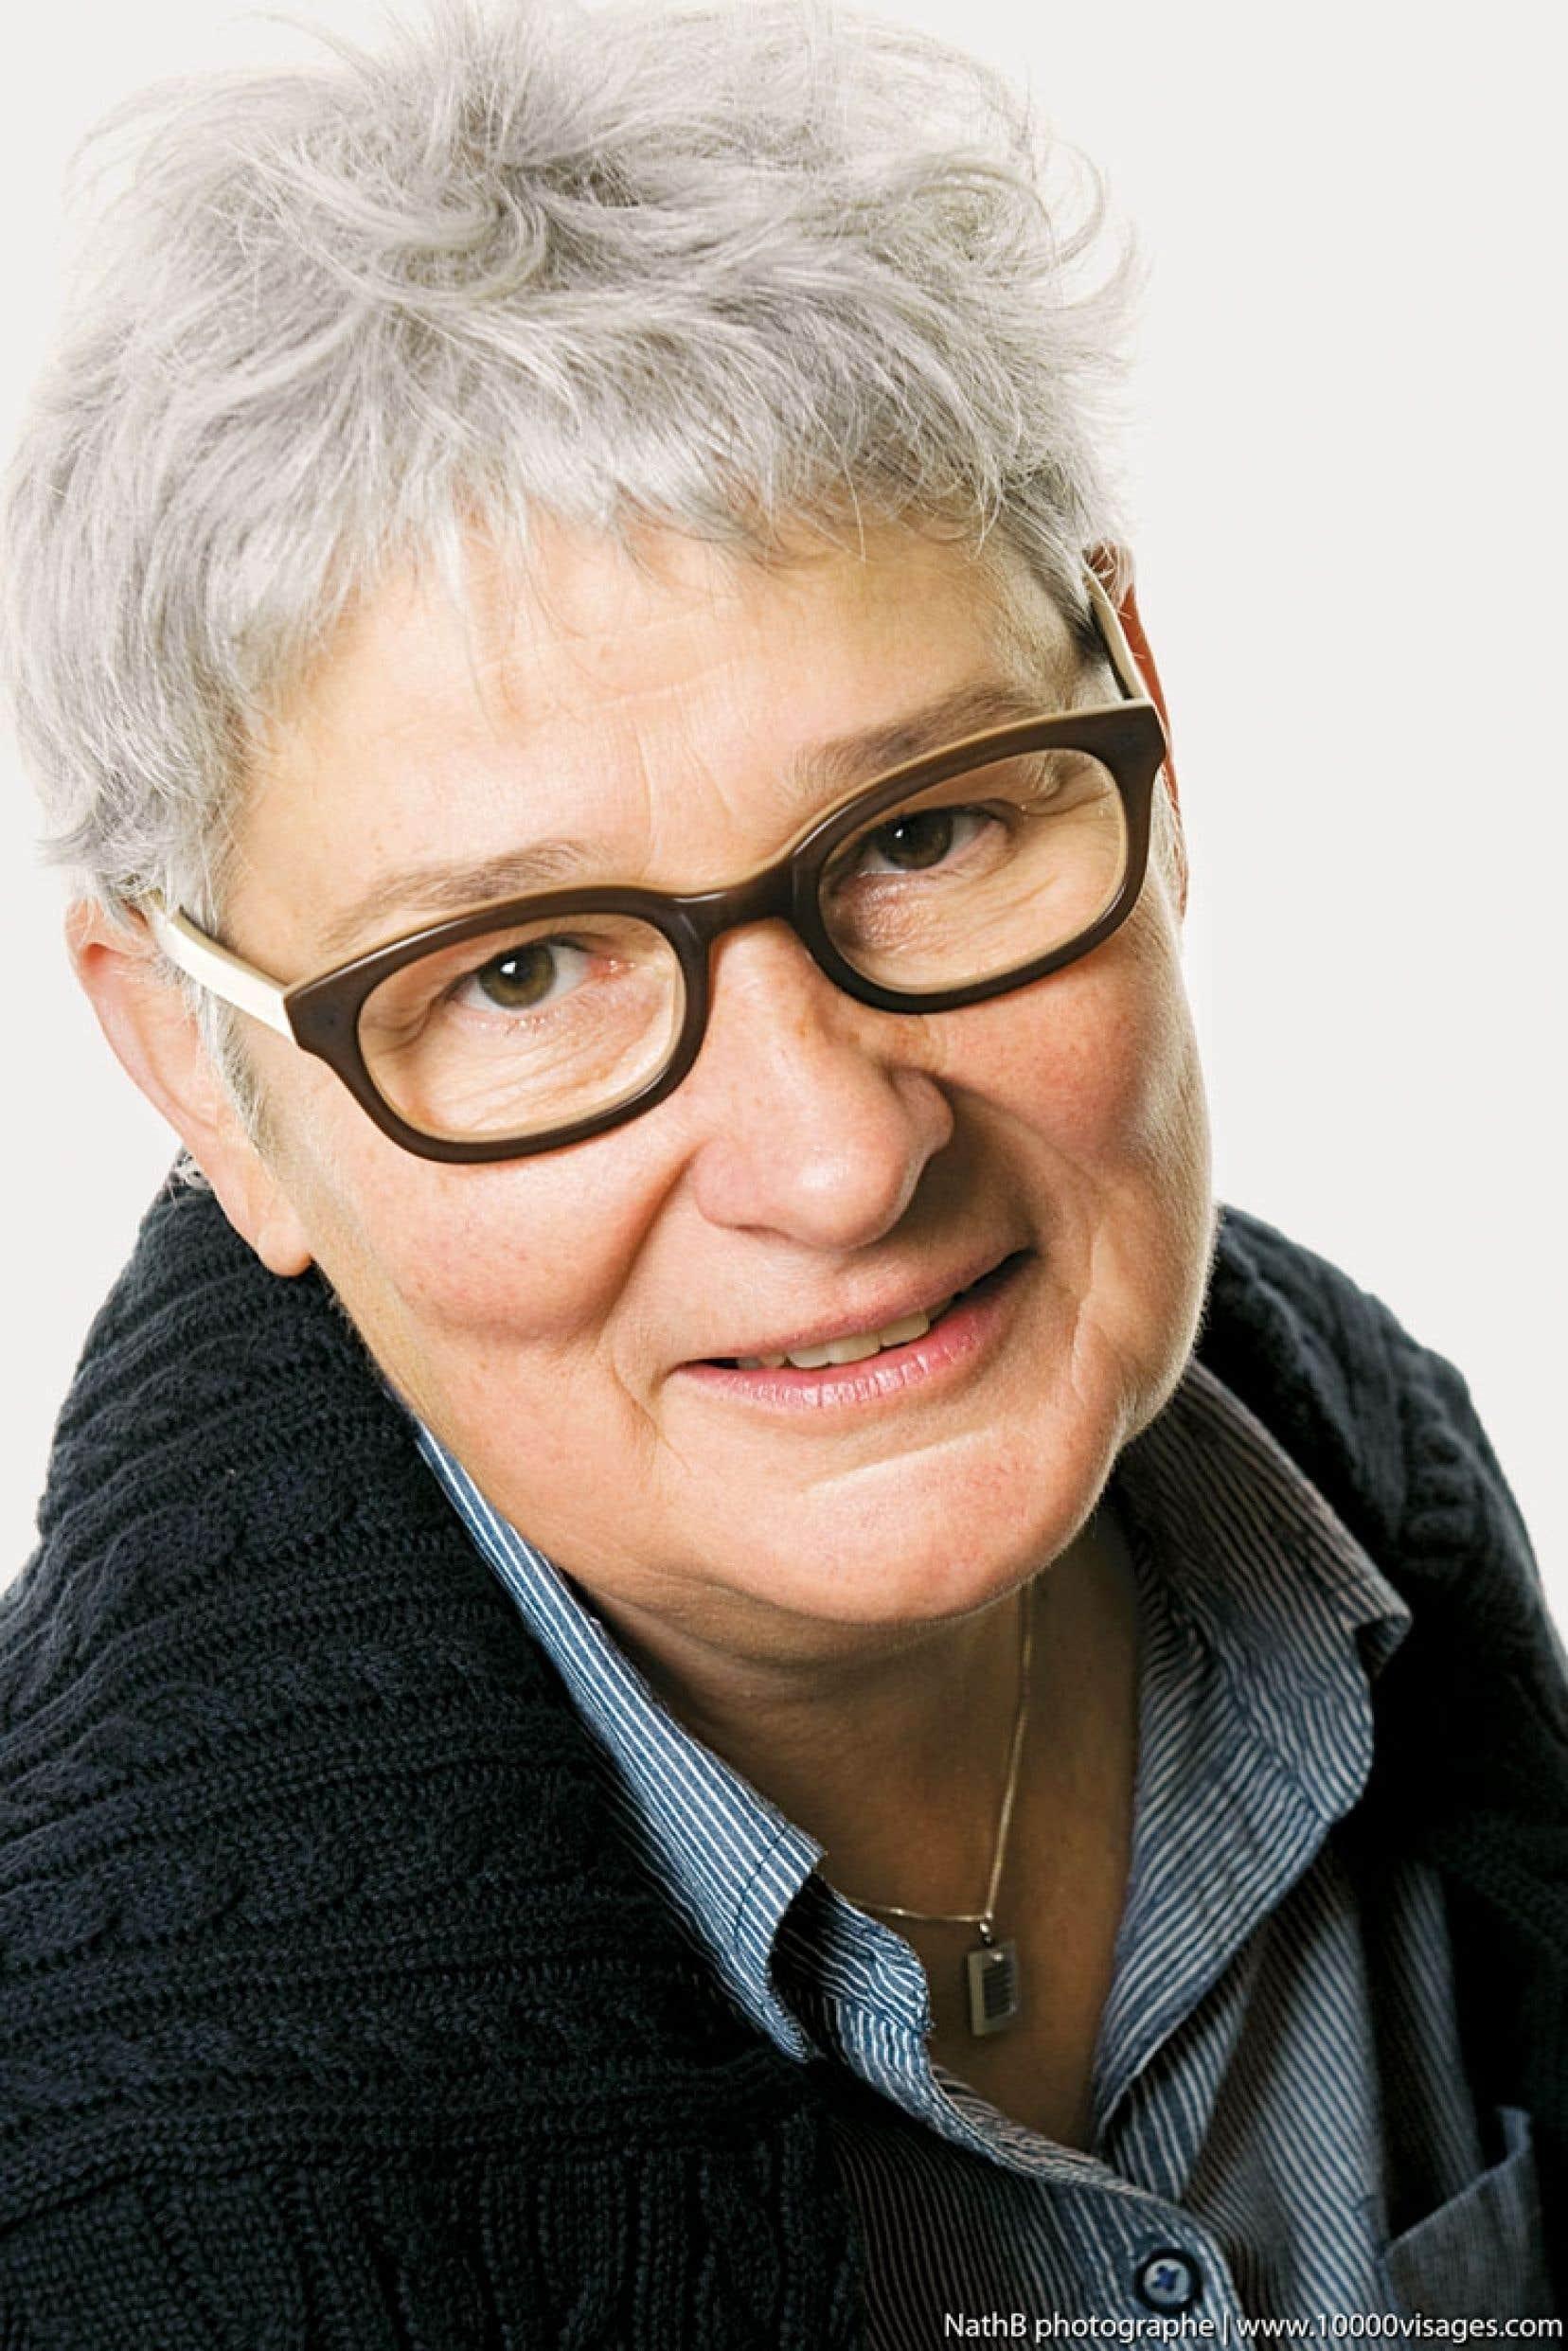 La vice-présidente de la CSN, Denise Boucher, aimerait que soit mis en place un chantier pour s'attaquer aux problèmes de littératie au Québec.